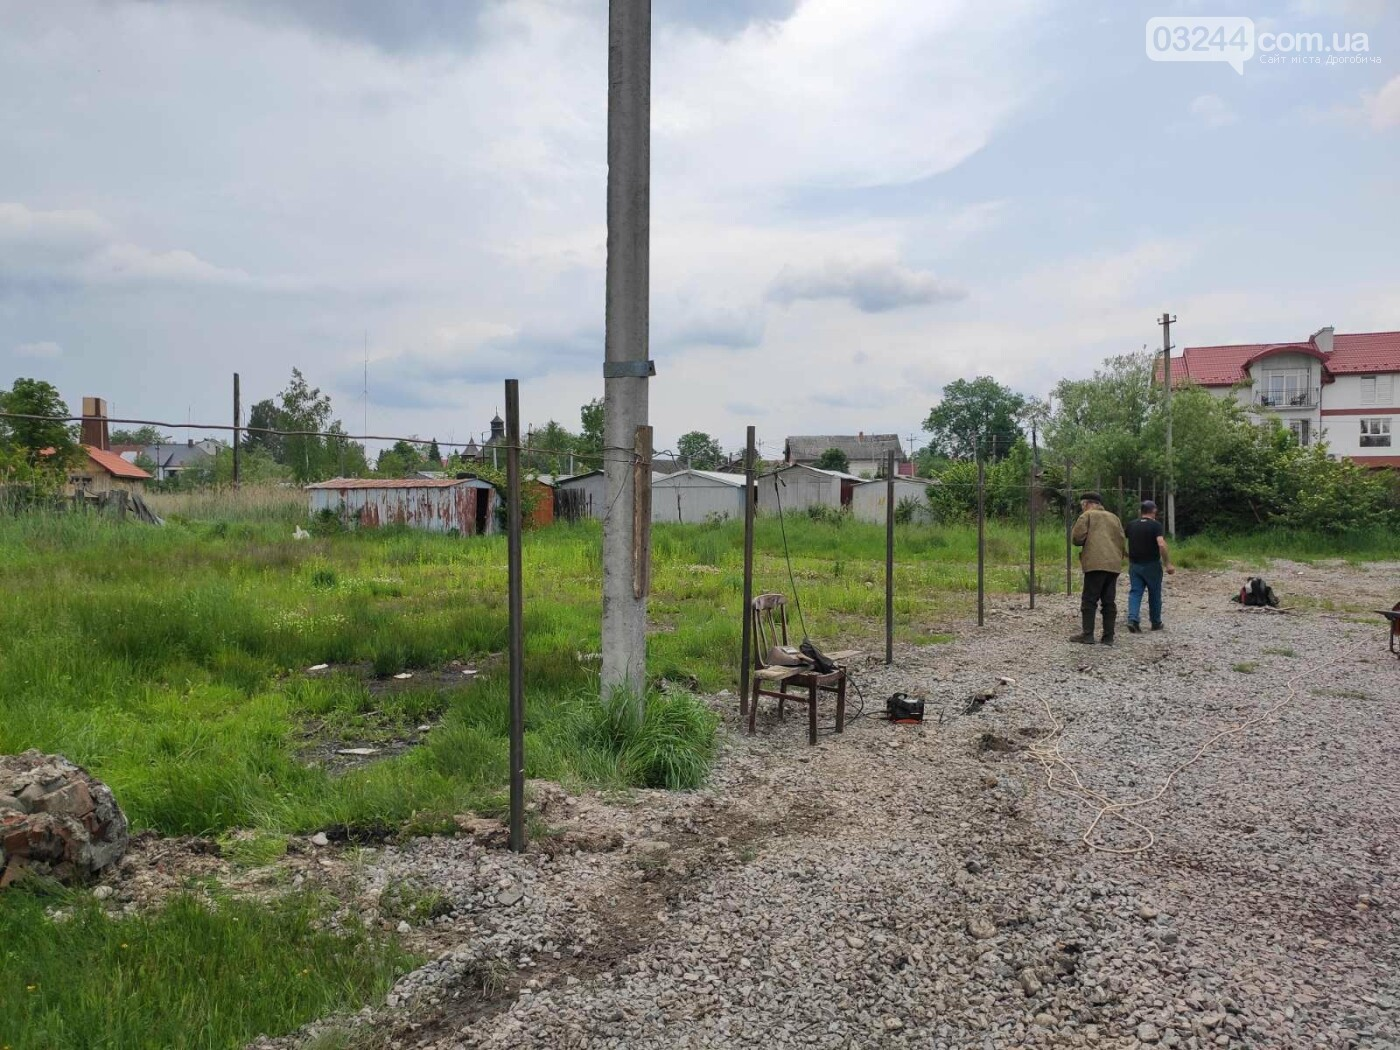 На Солоному Ставку облаштовують безкоштовну парковку. У планах комунальників – встановити платні  паркомати на 3 прилеглих вулицях до центру, фото-4